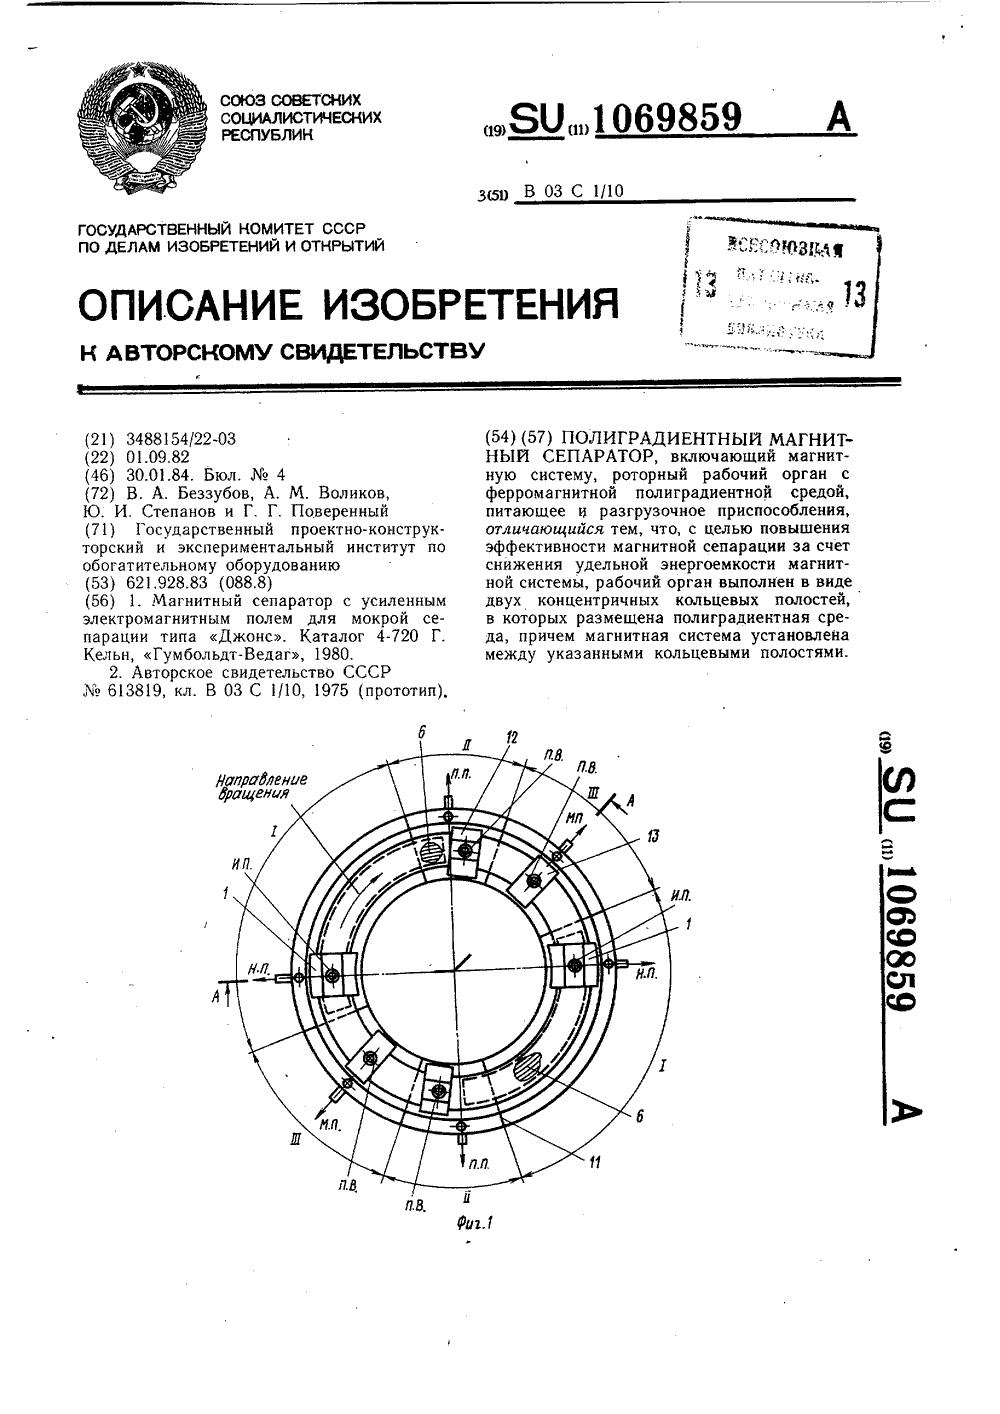 схема электромагнитного сепаратора к-590